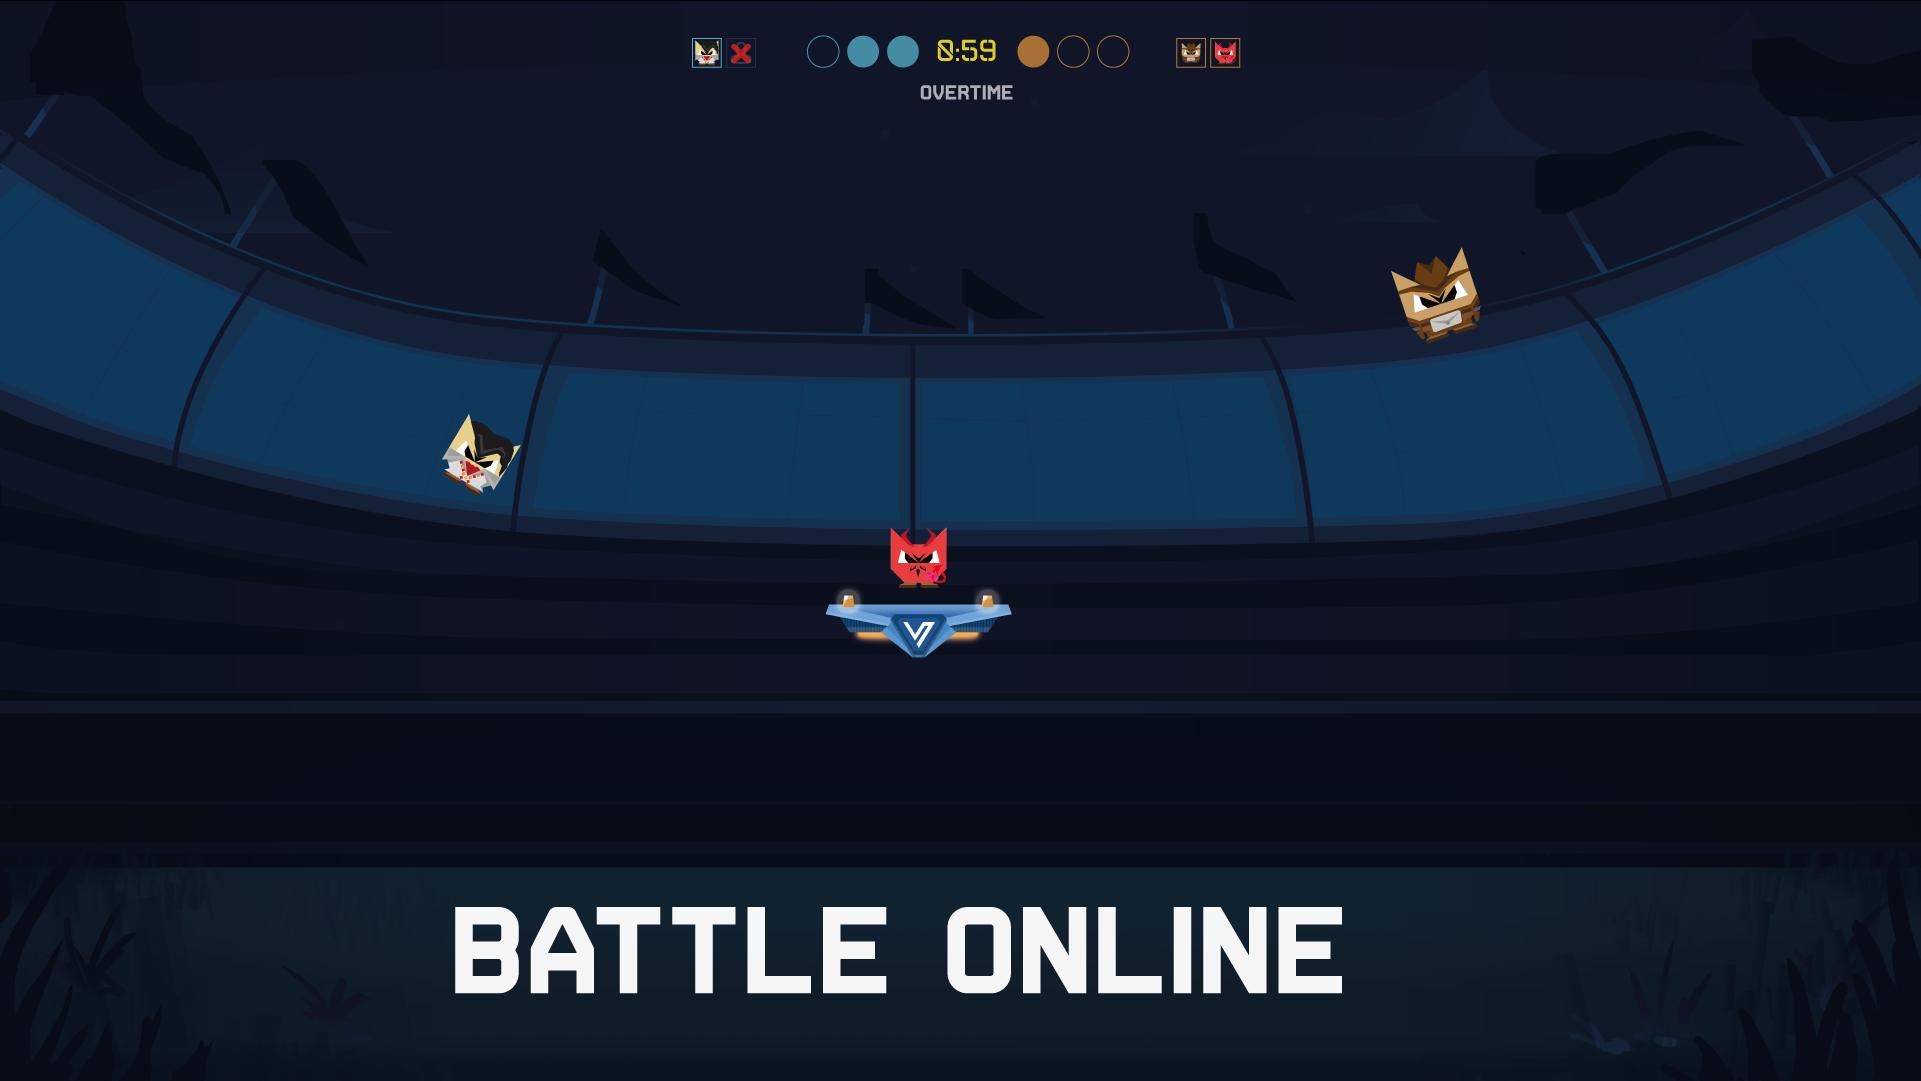 BattleONline Screenshot